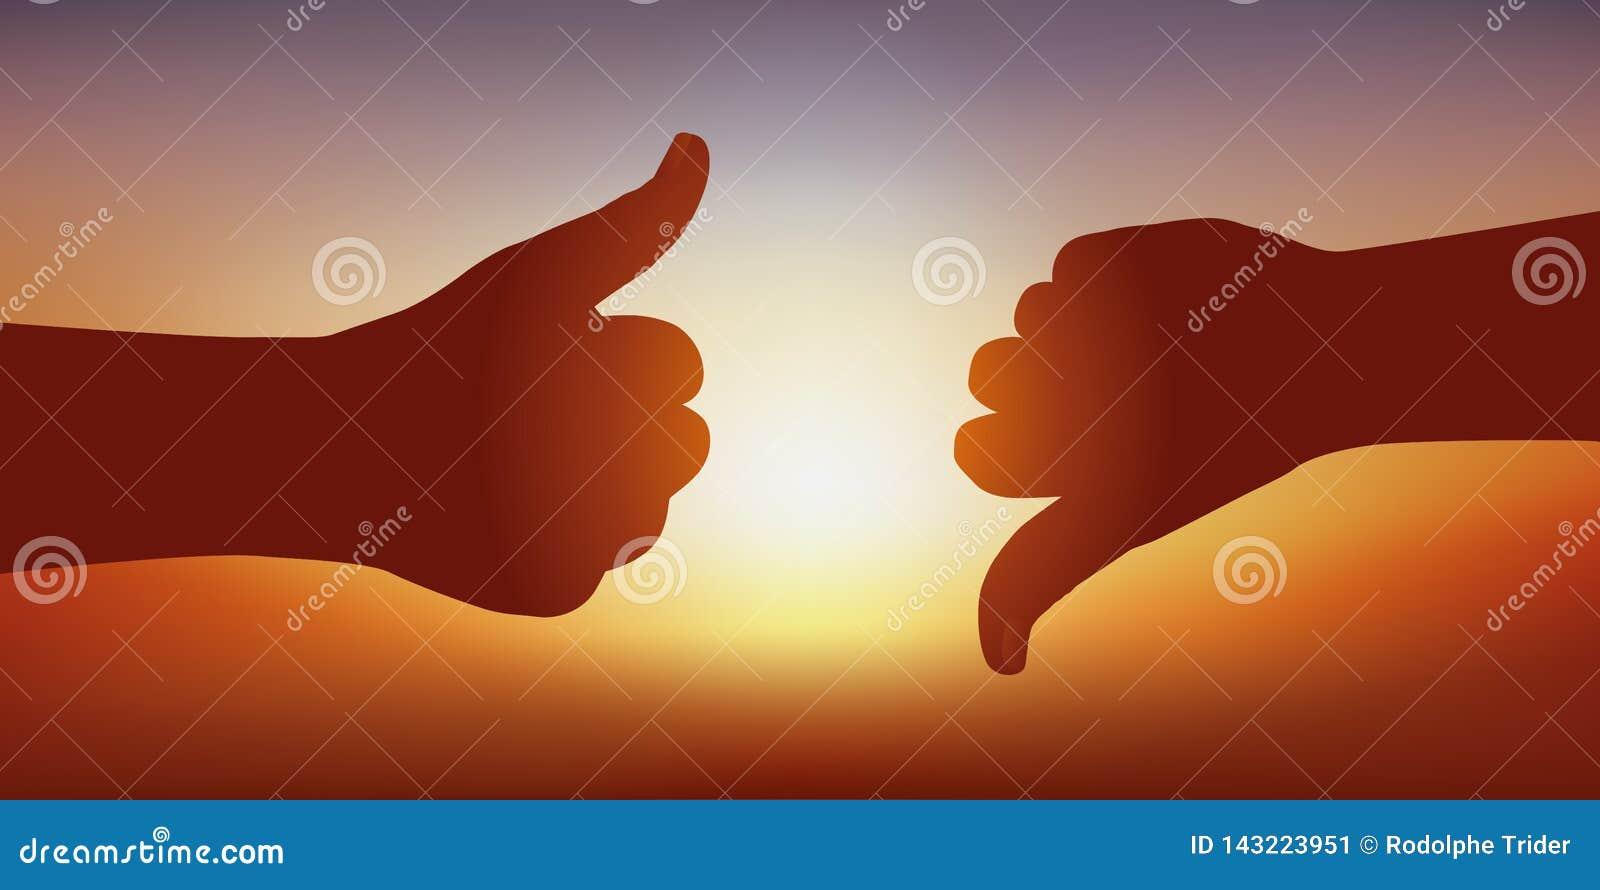 El símbolo de la opinión diverge con los pulgares encima de expresar su acuerdo y los pulgares abajo de expresar su desacuerdo